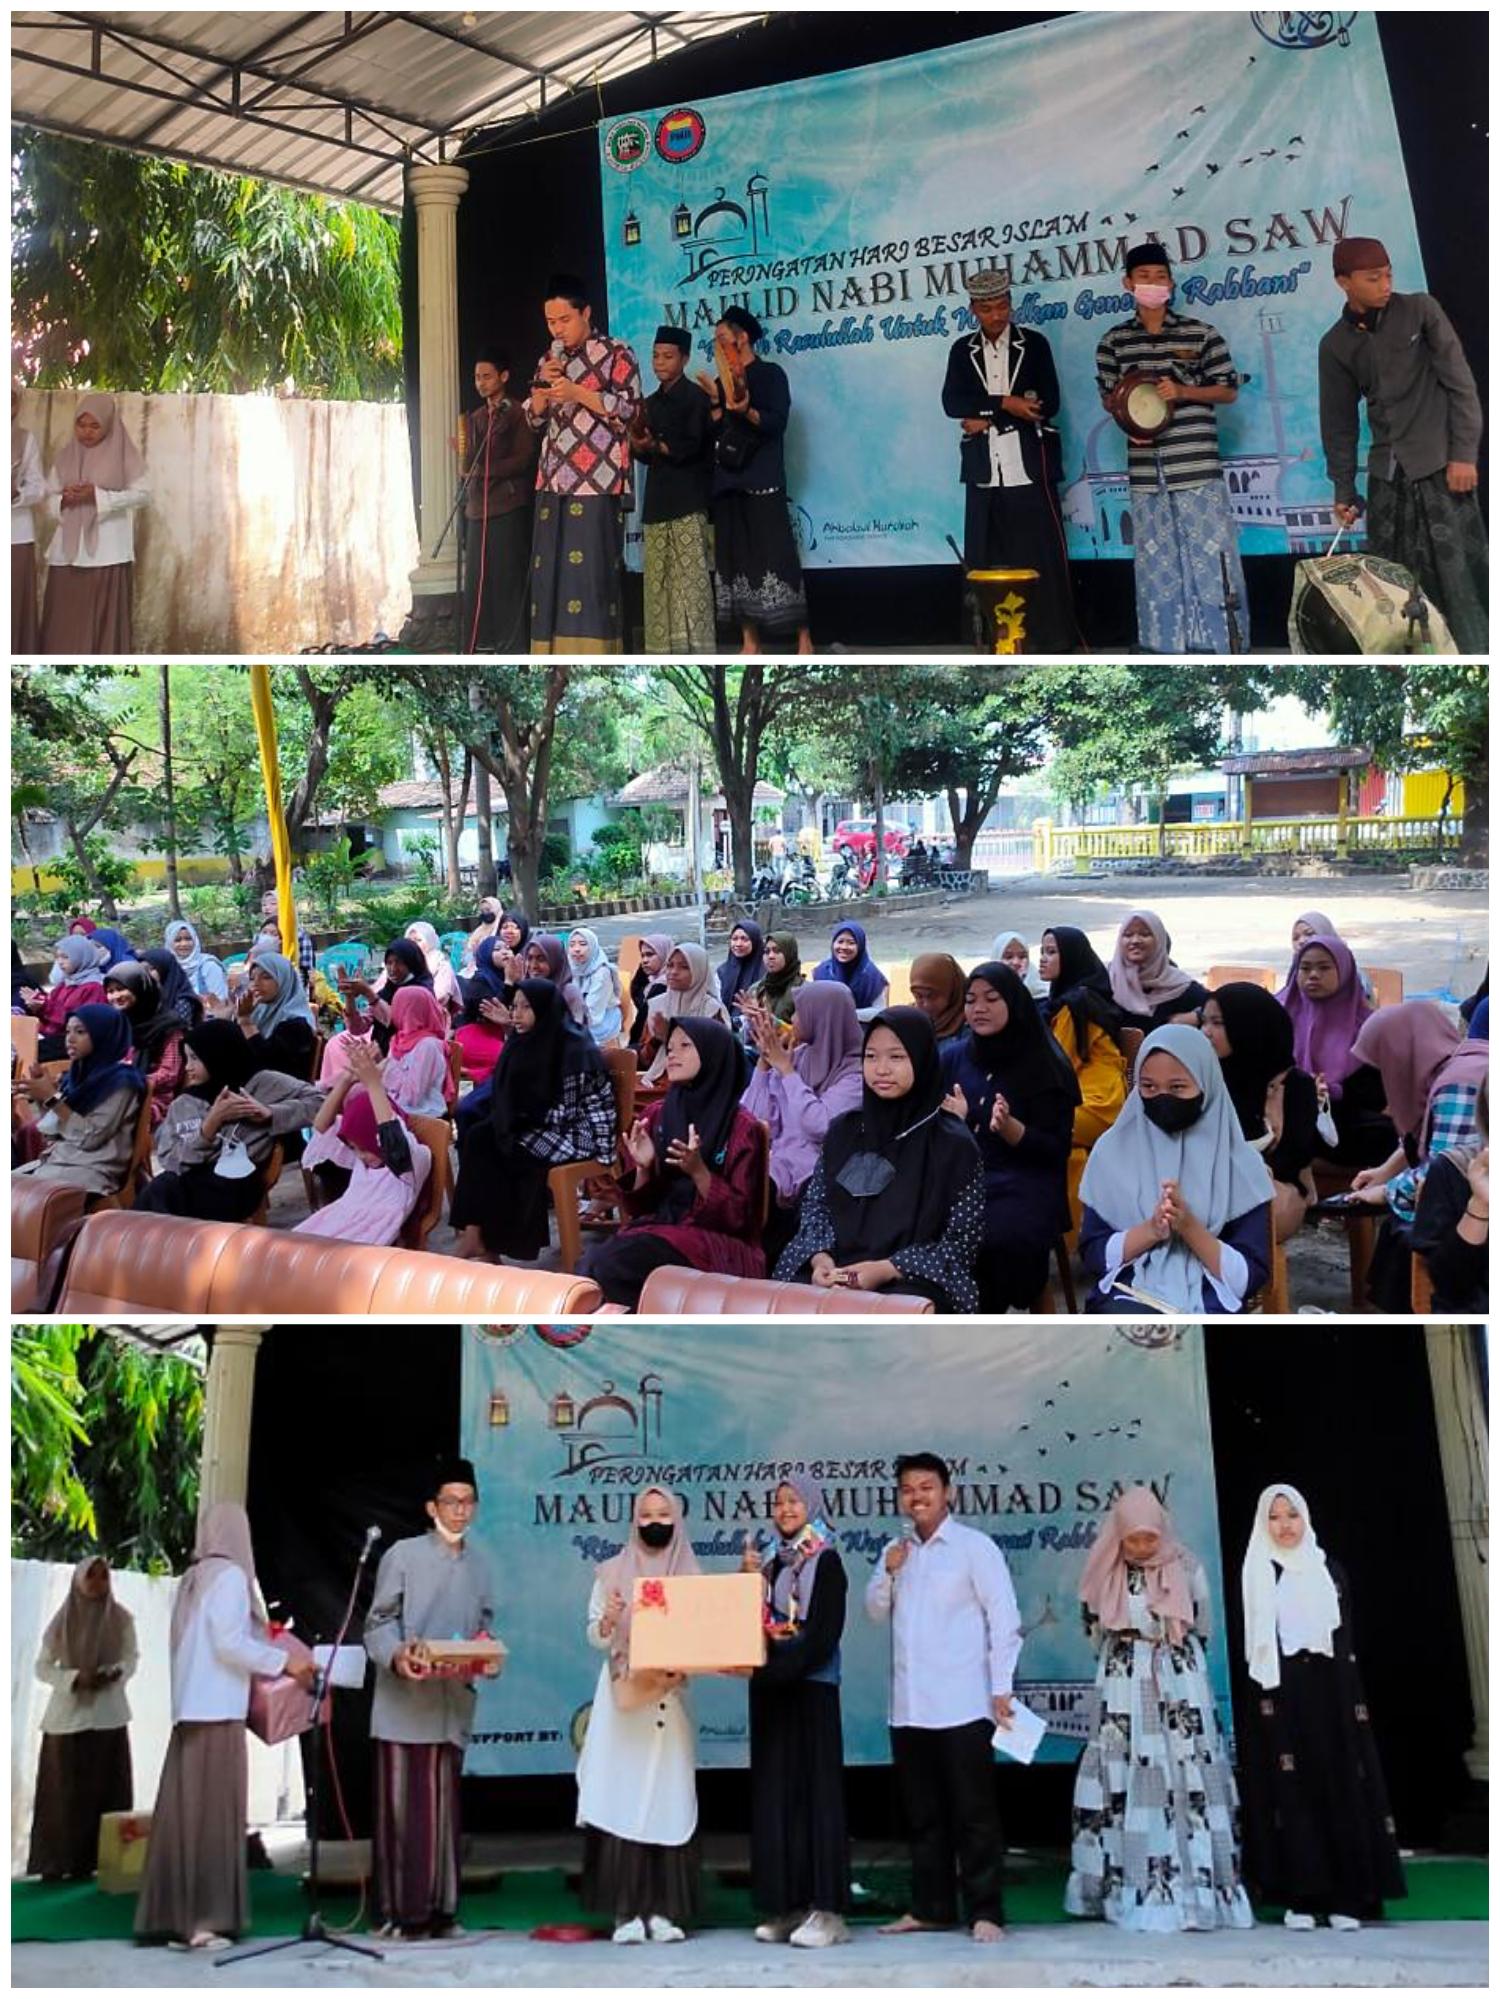 BEM Fakultas Dakwah IAI Tribakti Kediri Gelar Peringatan Maulid Nabi Muhammad SAW bersama UPT PPSAA Trenggalek